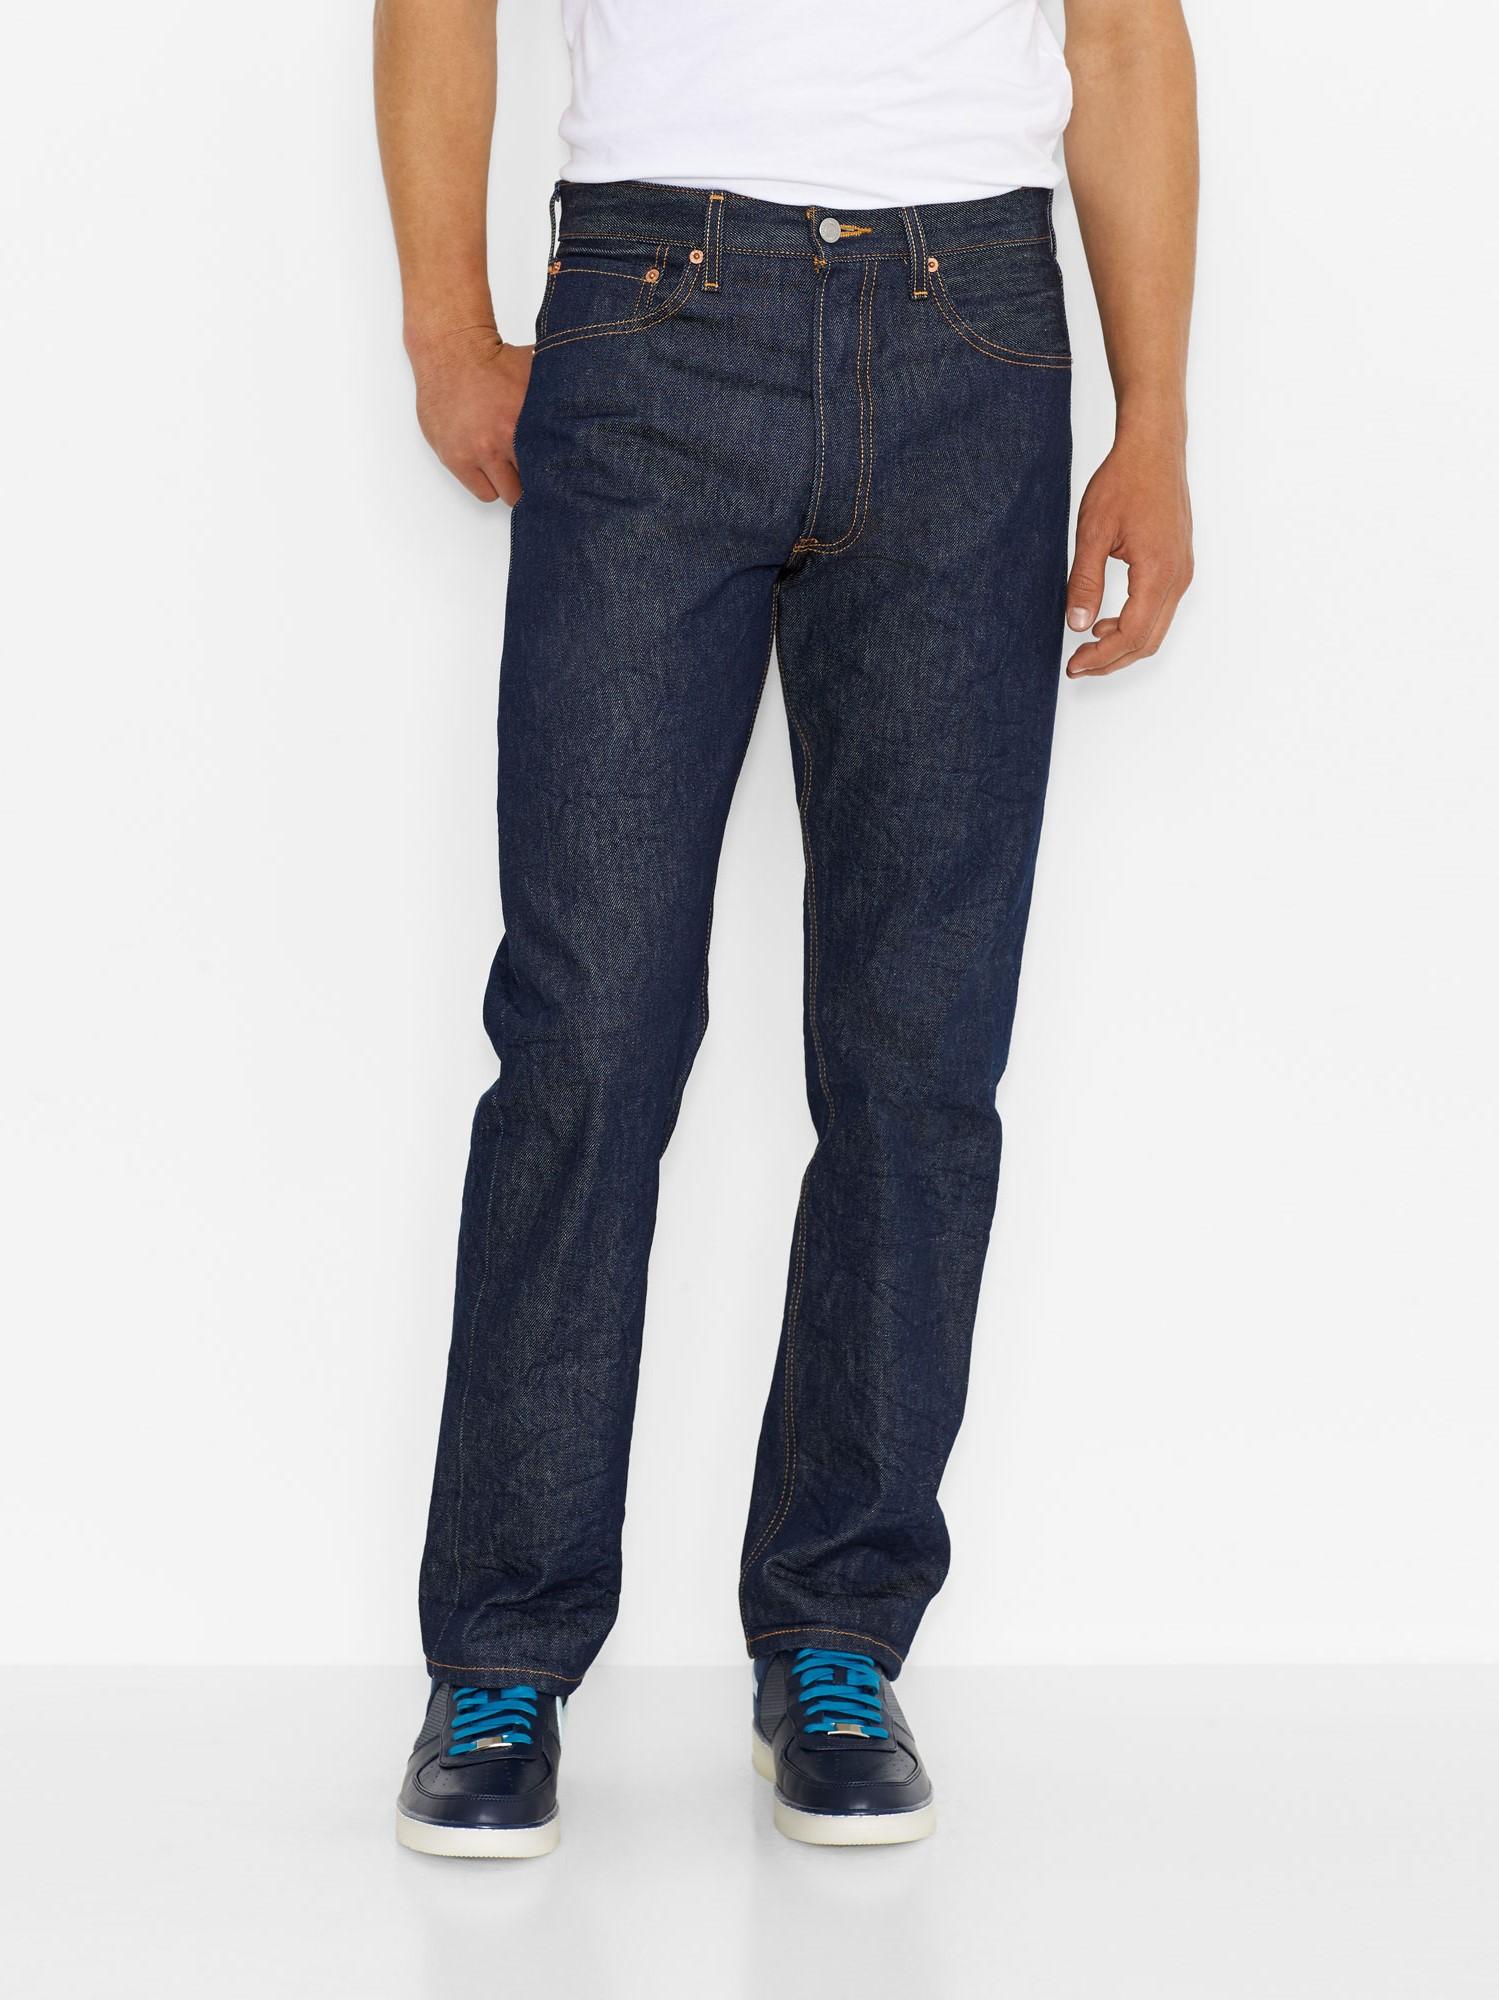 91cbcf67223 Jeans | Levi's Wiki | FANDOM powered by Wikia